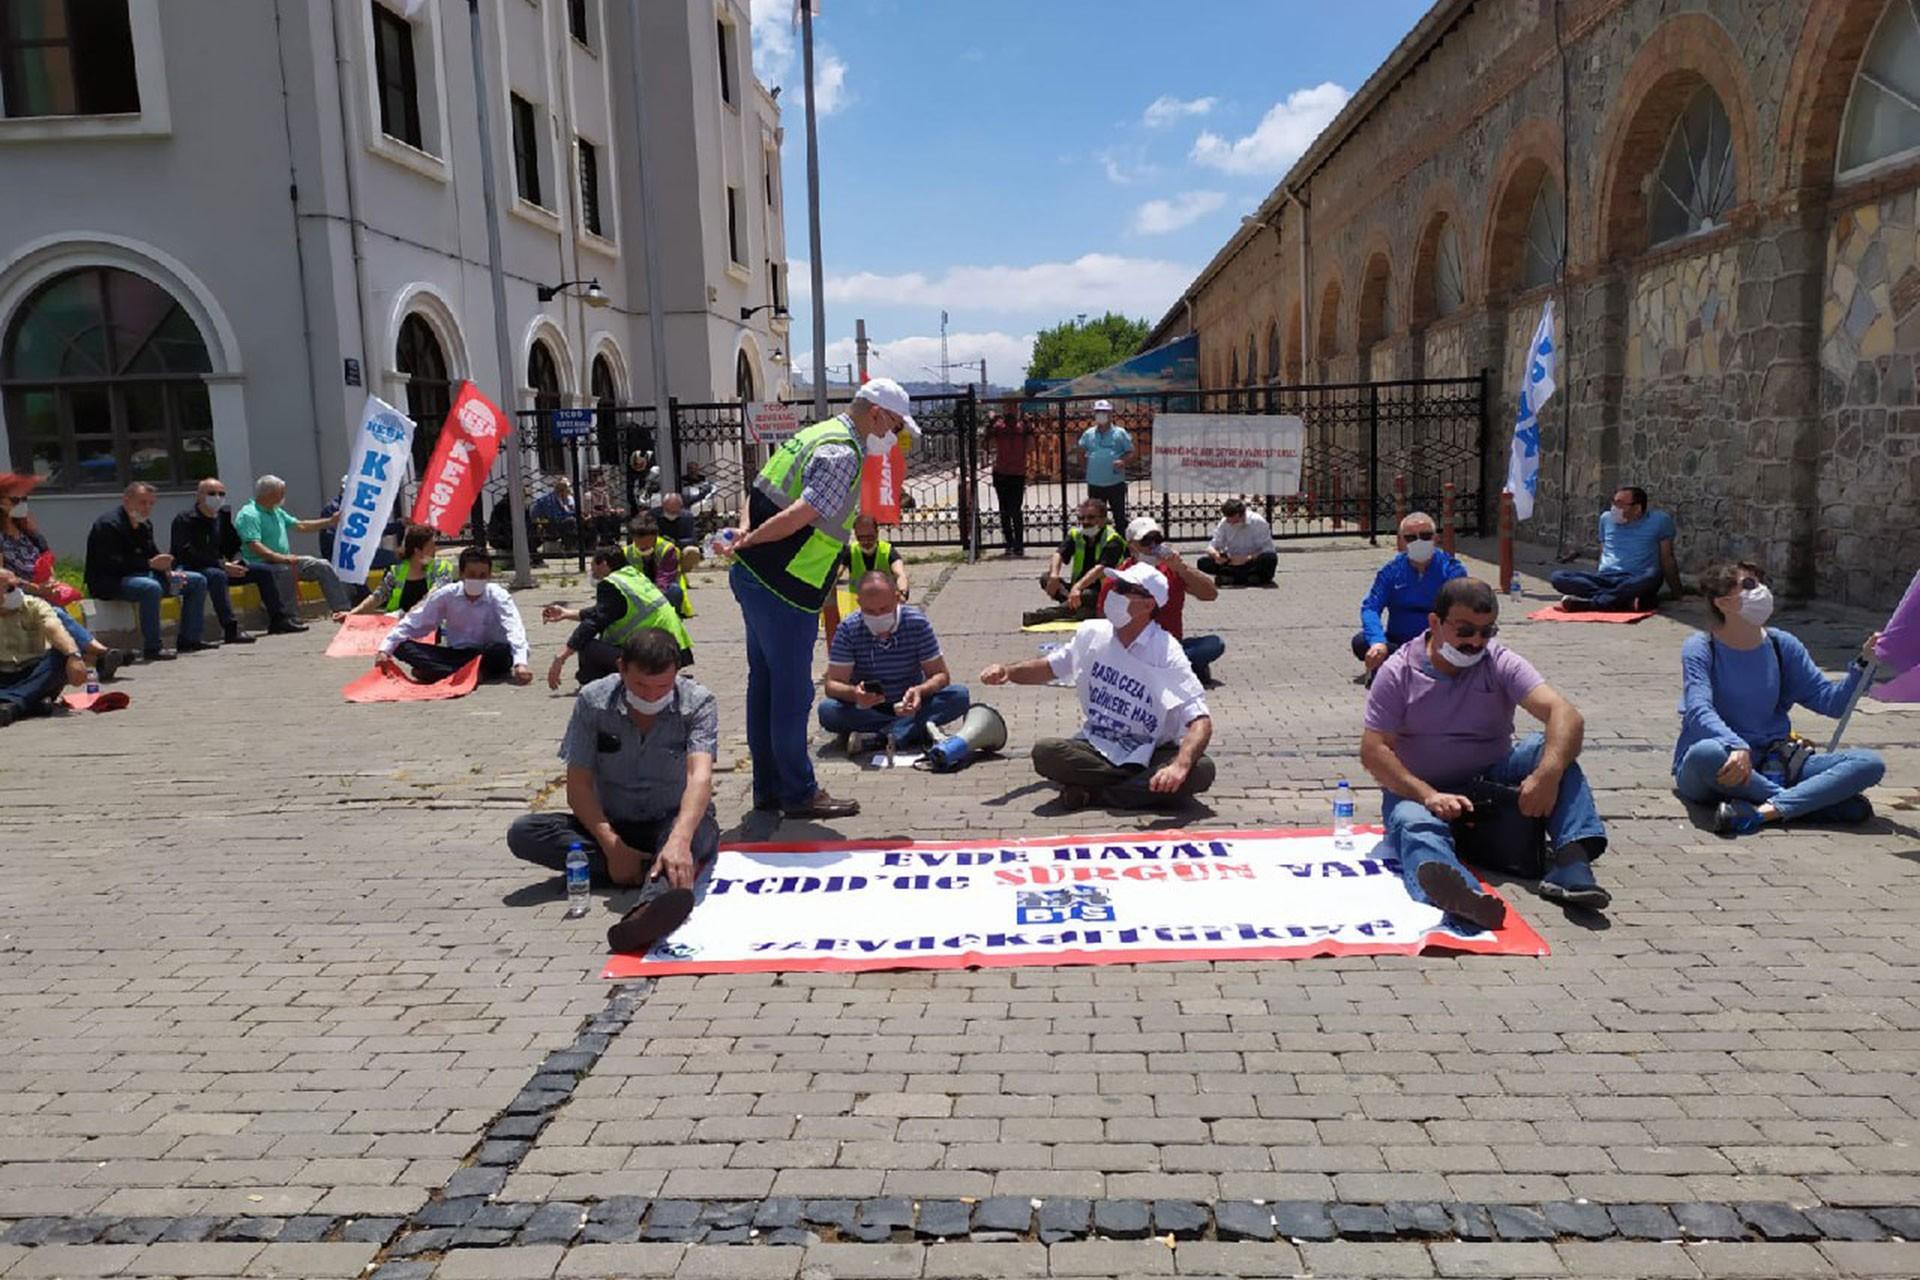 BTS İzmir Şubesi sürgünlere karşı alsancak gar önünde oturma eylemi yaptı